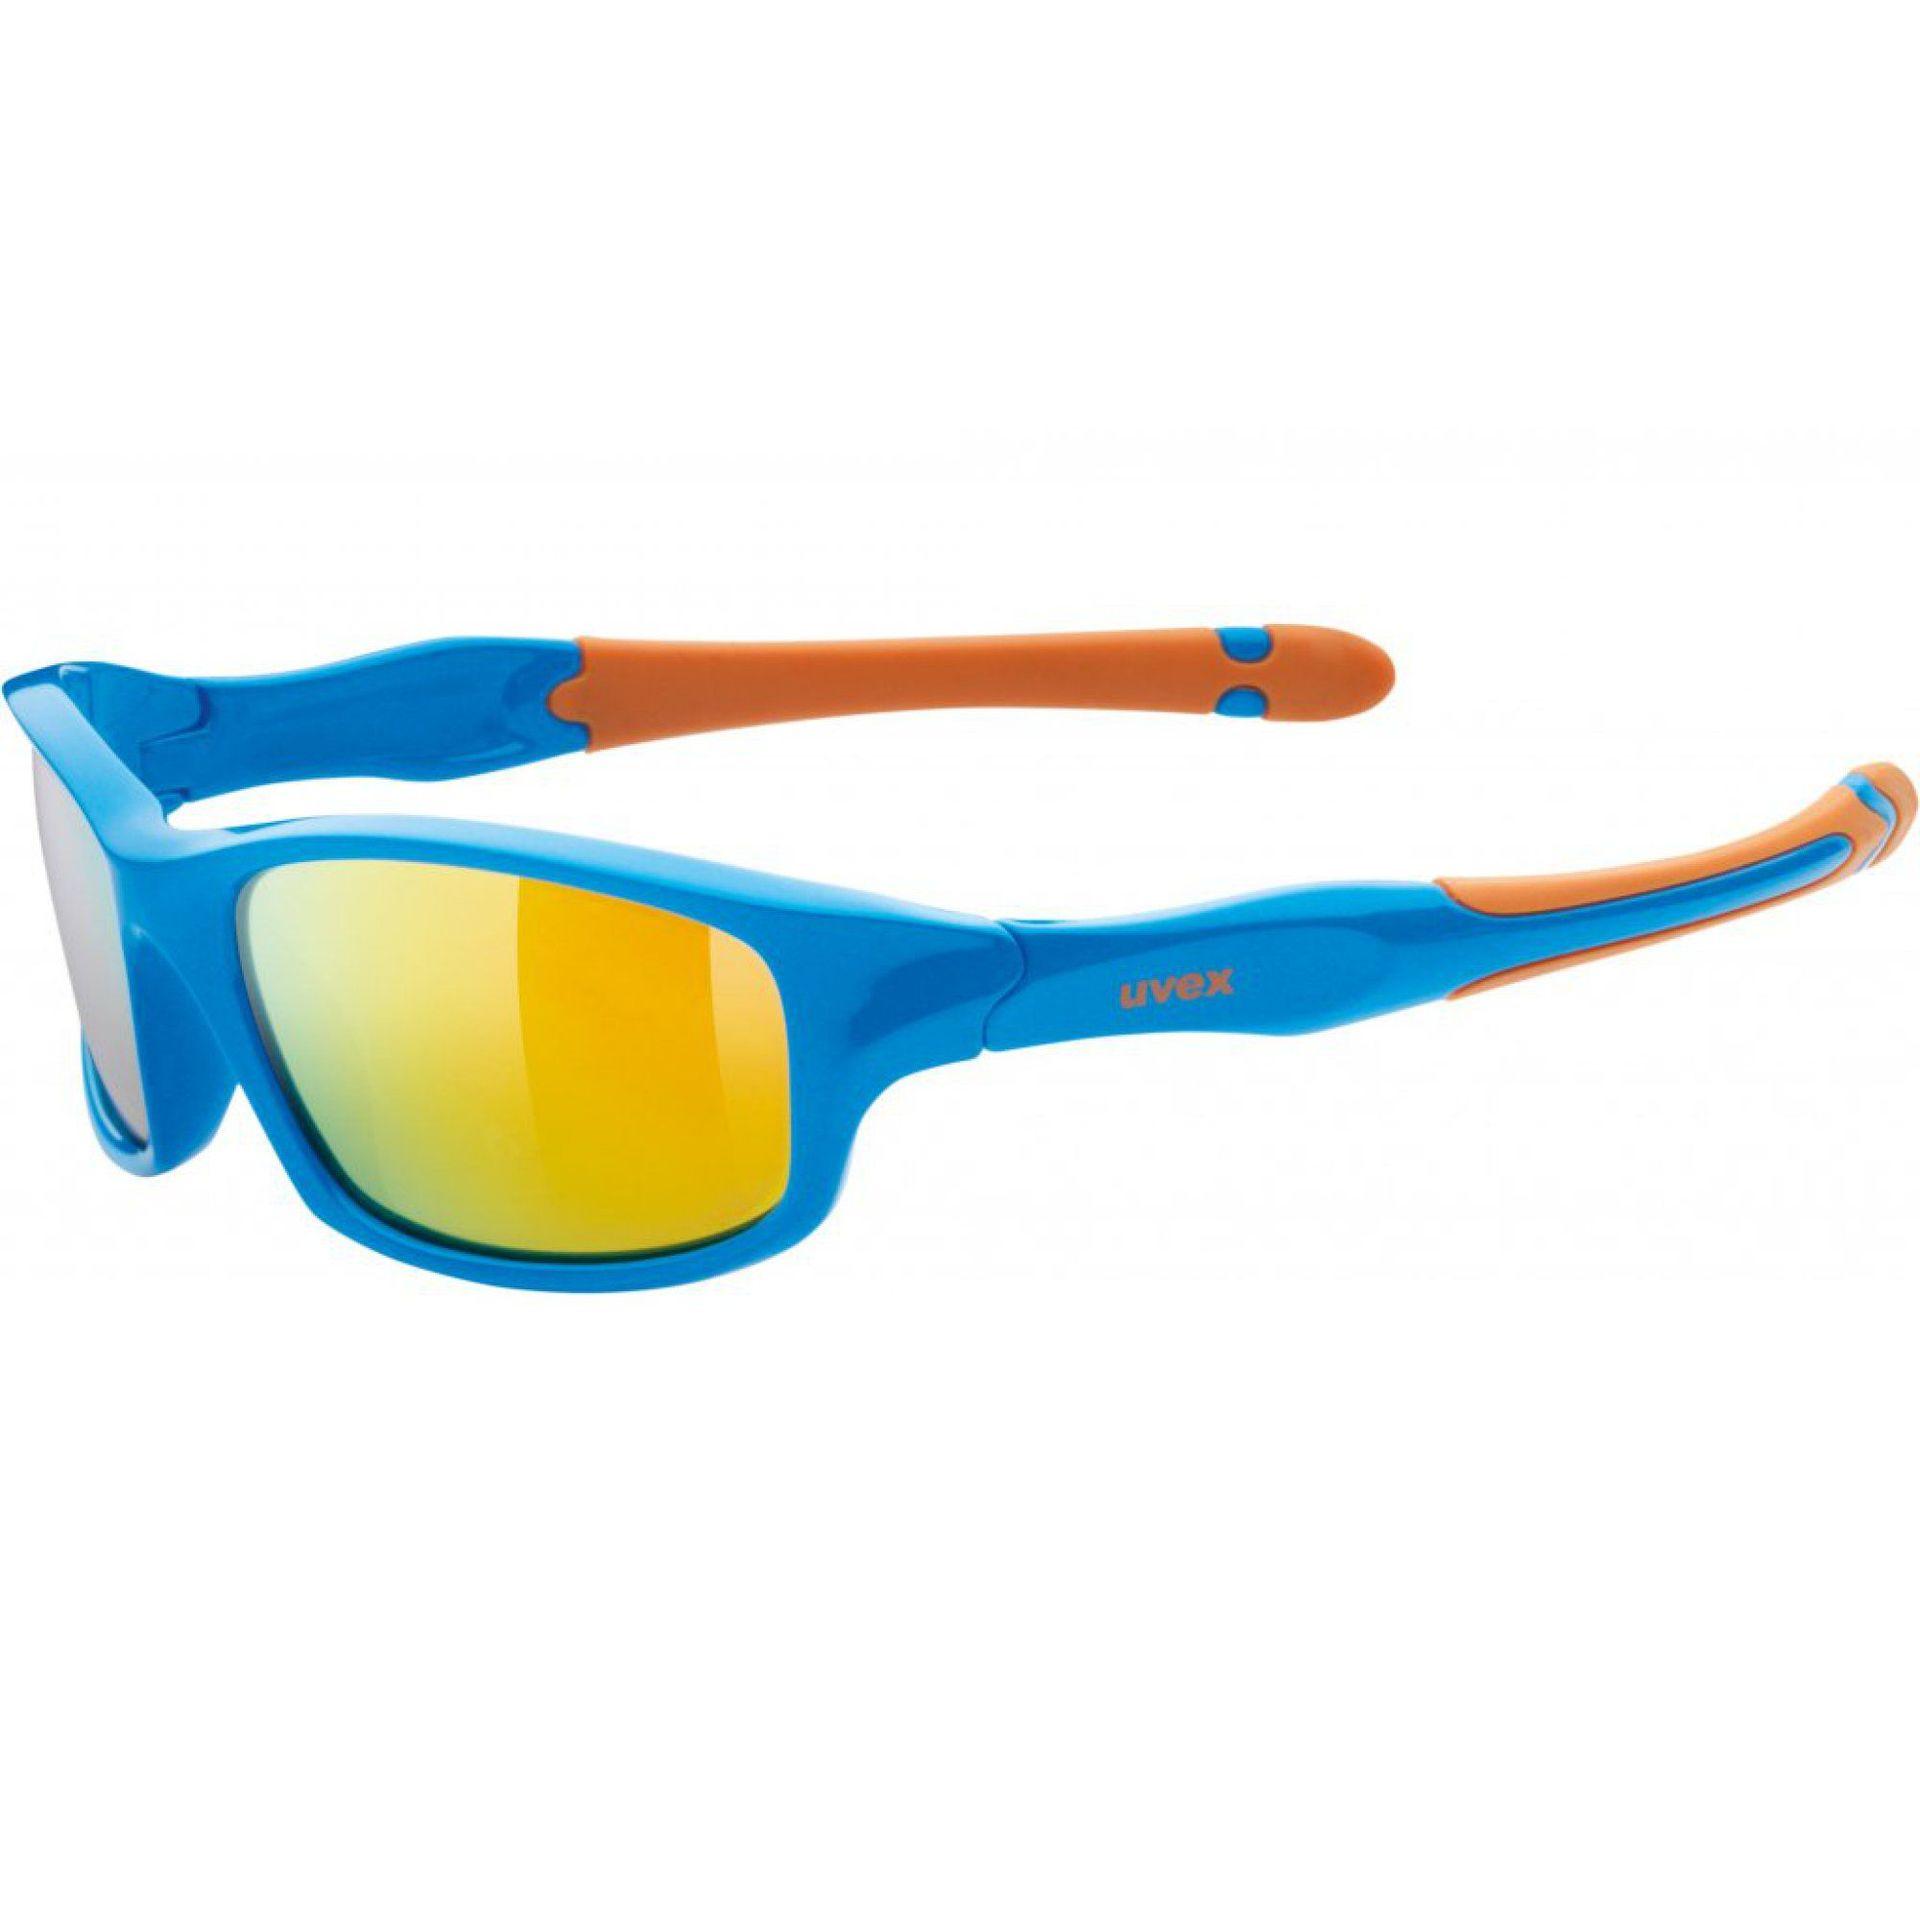 OKULARY UVEX SPORTSTYLE 507 BLUE ORANGE